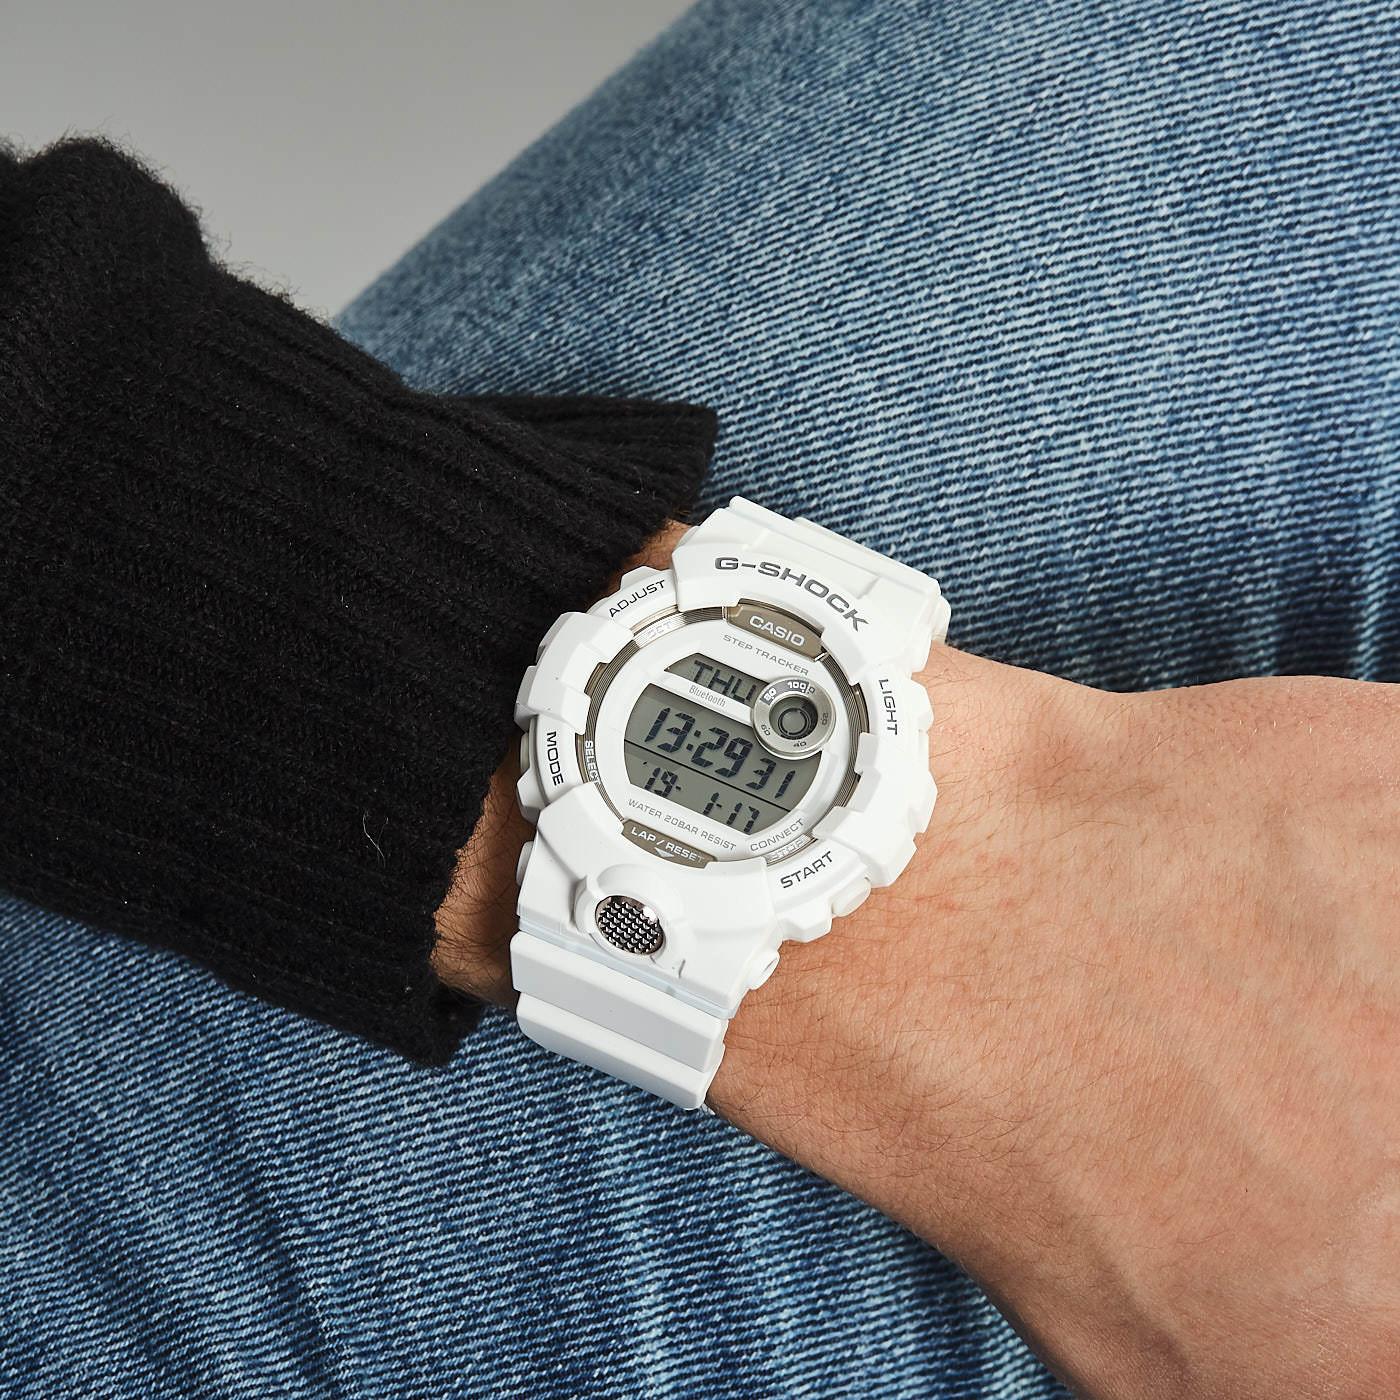 140c91efb G-Shock G-Squad Bluetooth Stephtracker watch GBD-800-7ER - Watches